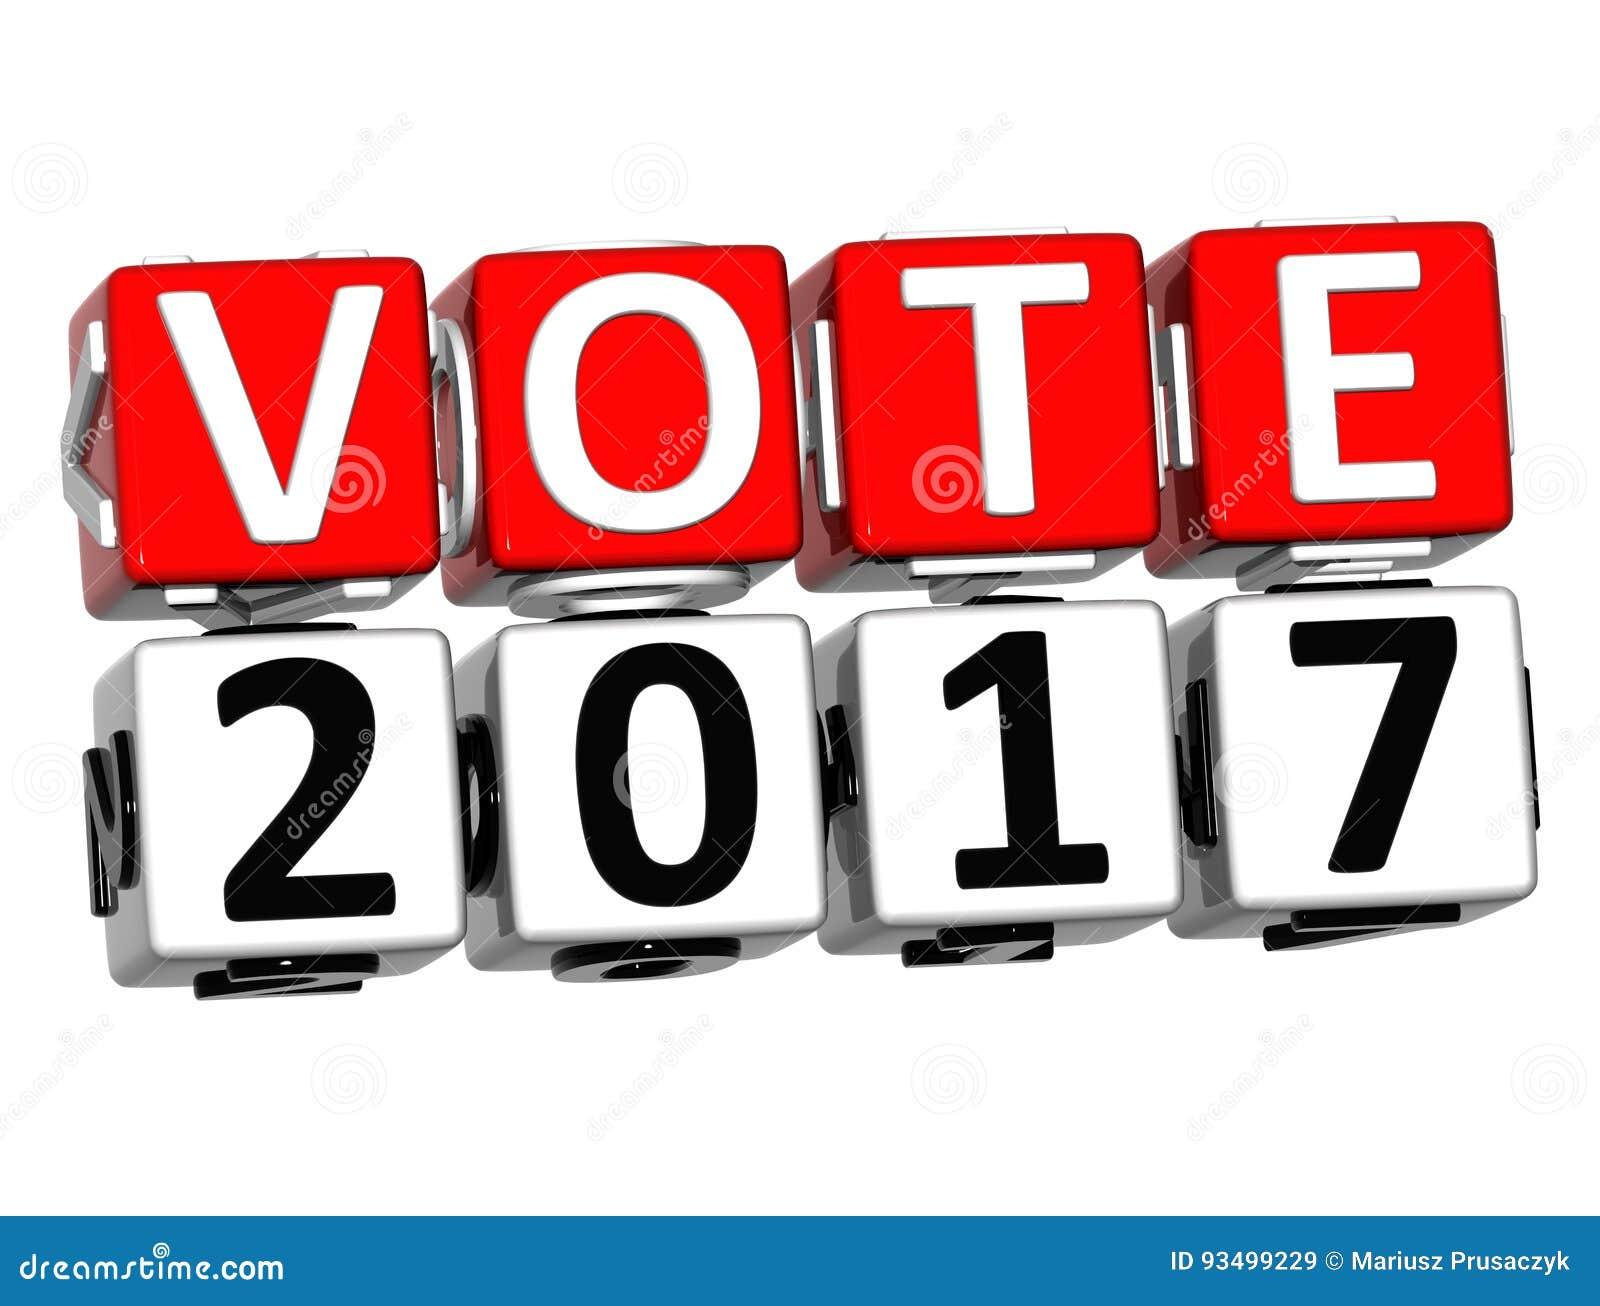 VOTE rouge 2017 des textes du bloc 3D au-dessus du fond blanc